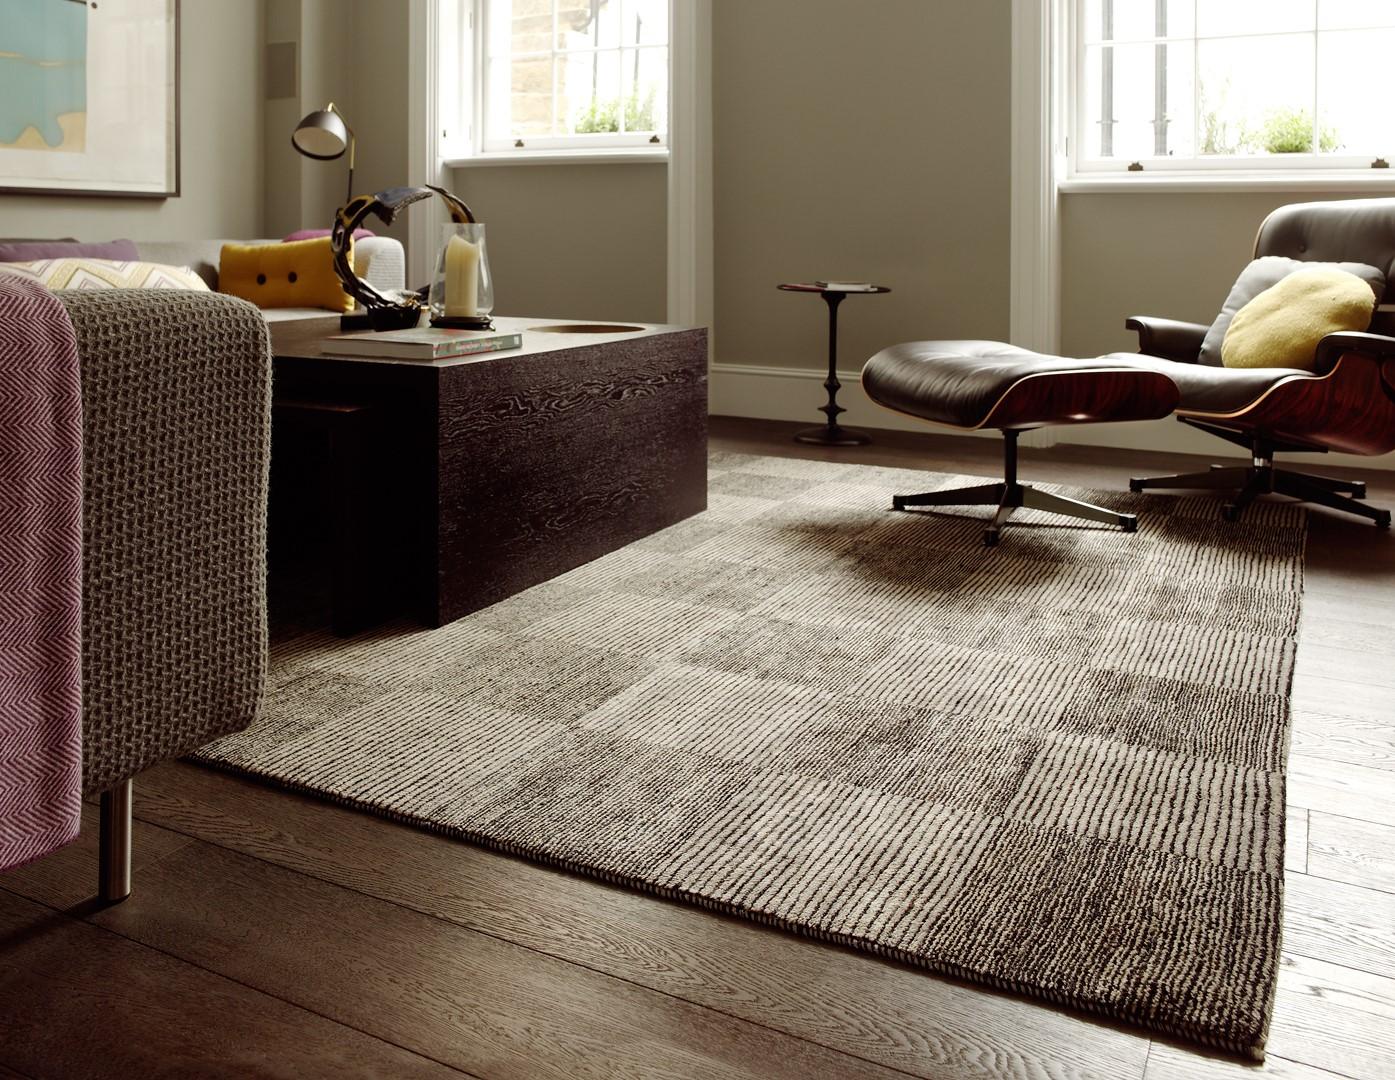 brown rug in living room